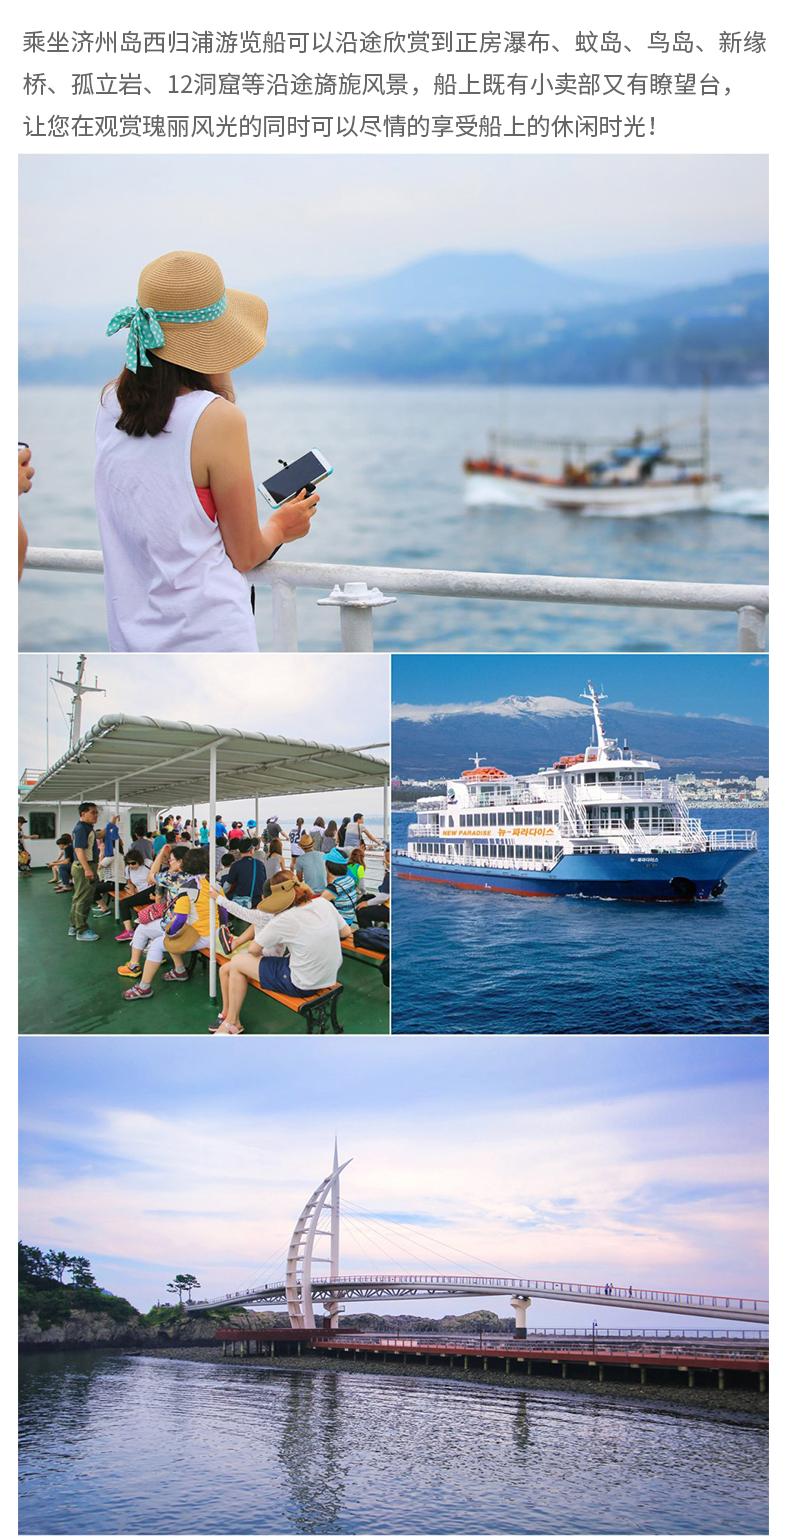 济州岛西归浦游览船-详情页_03.jpg